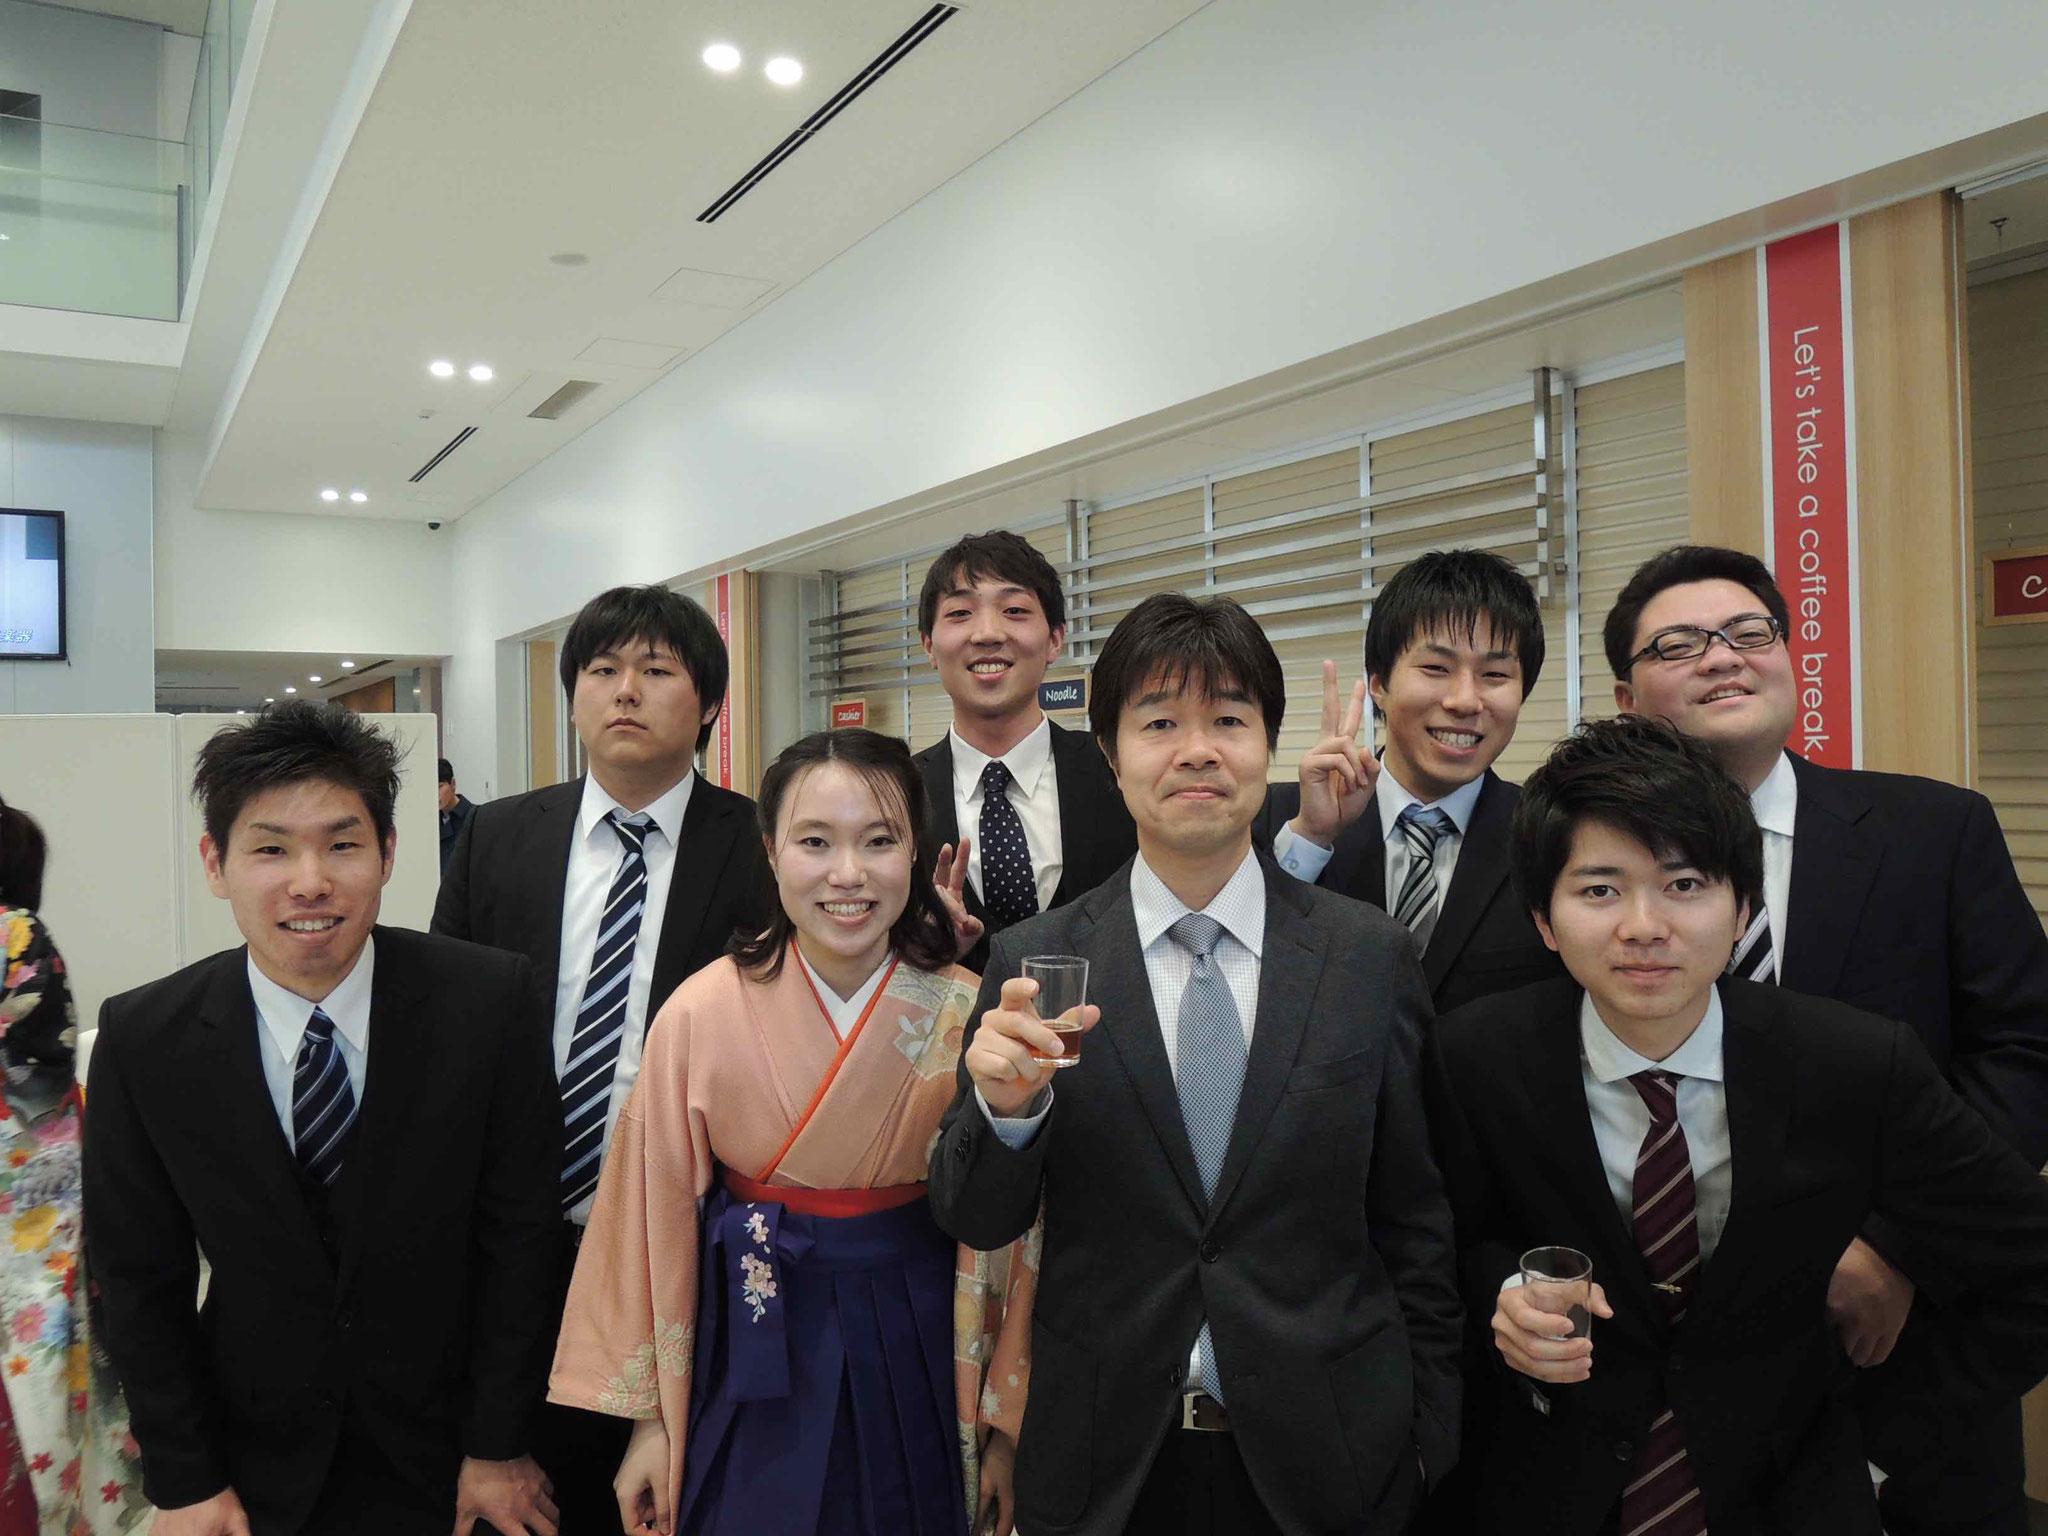 2016年度卒業・修了証書授与式ならびに祝賀会(2017.3.24)